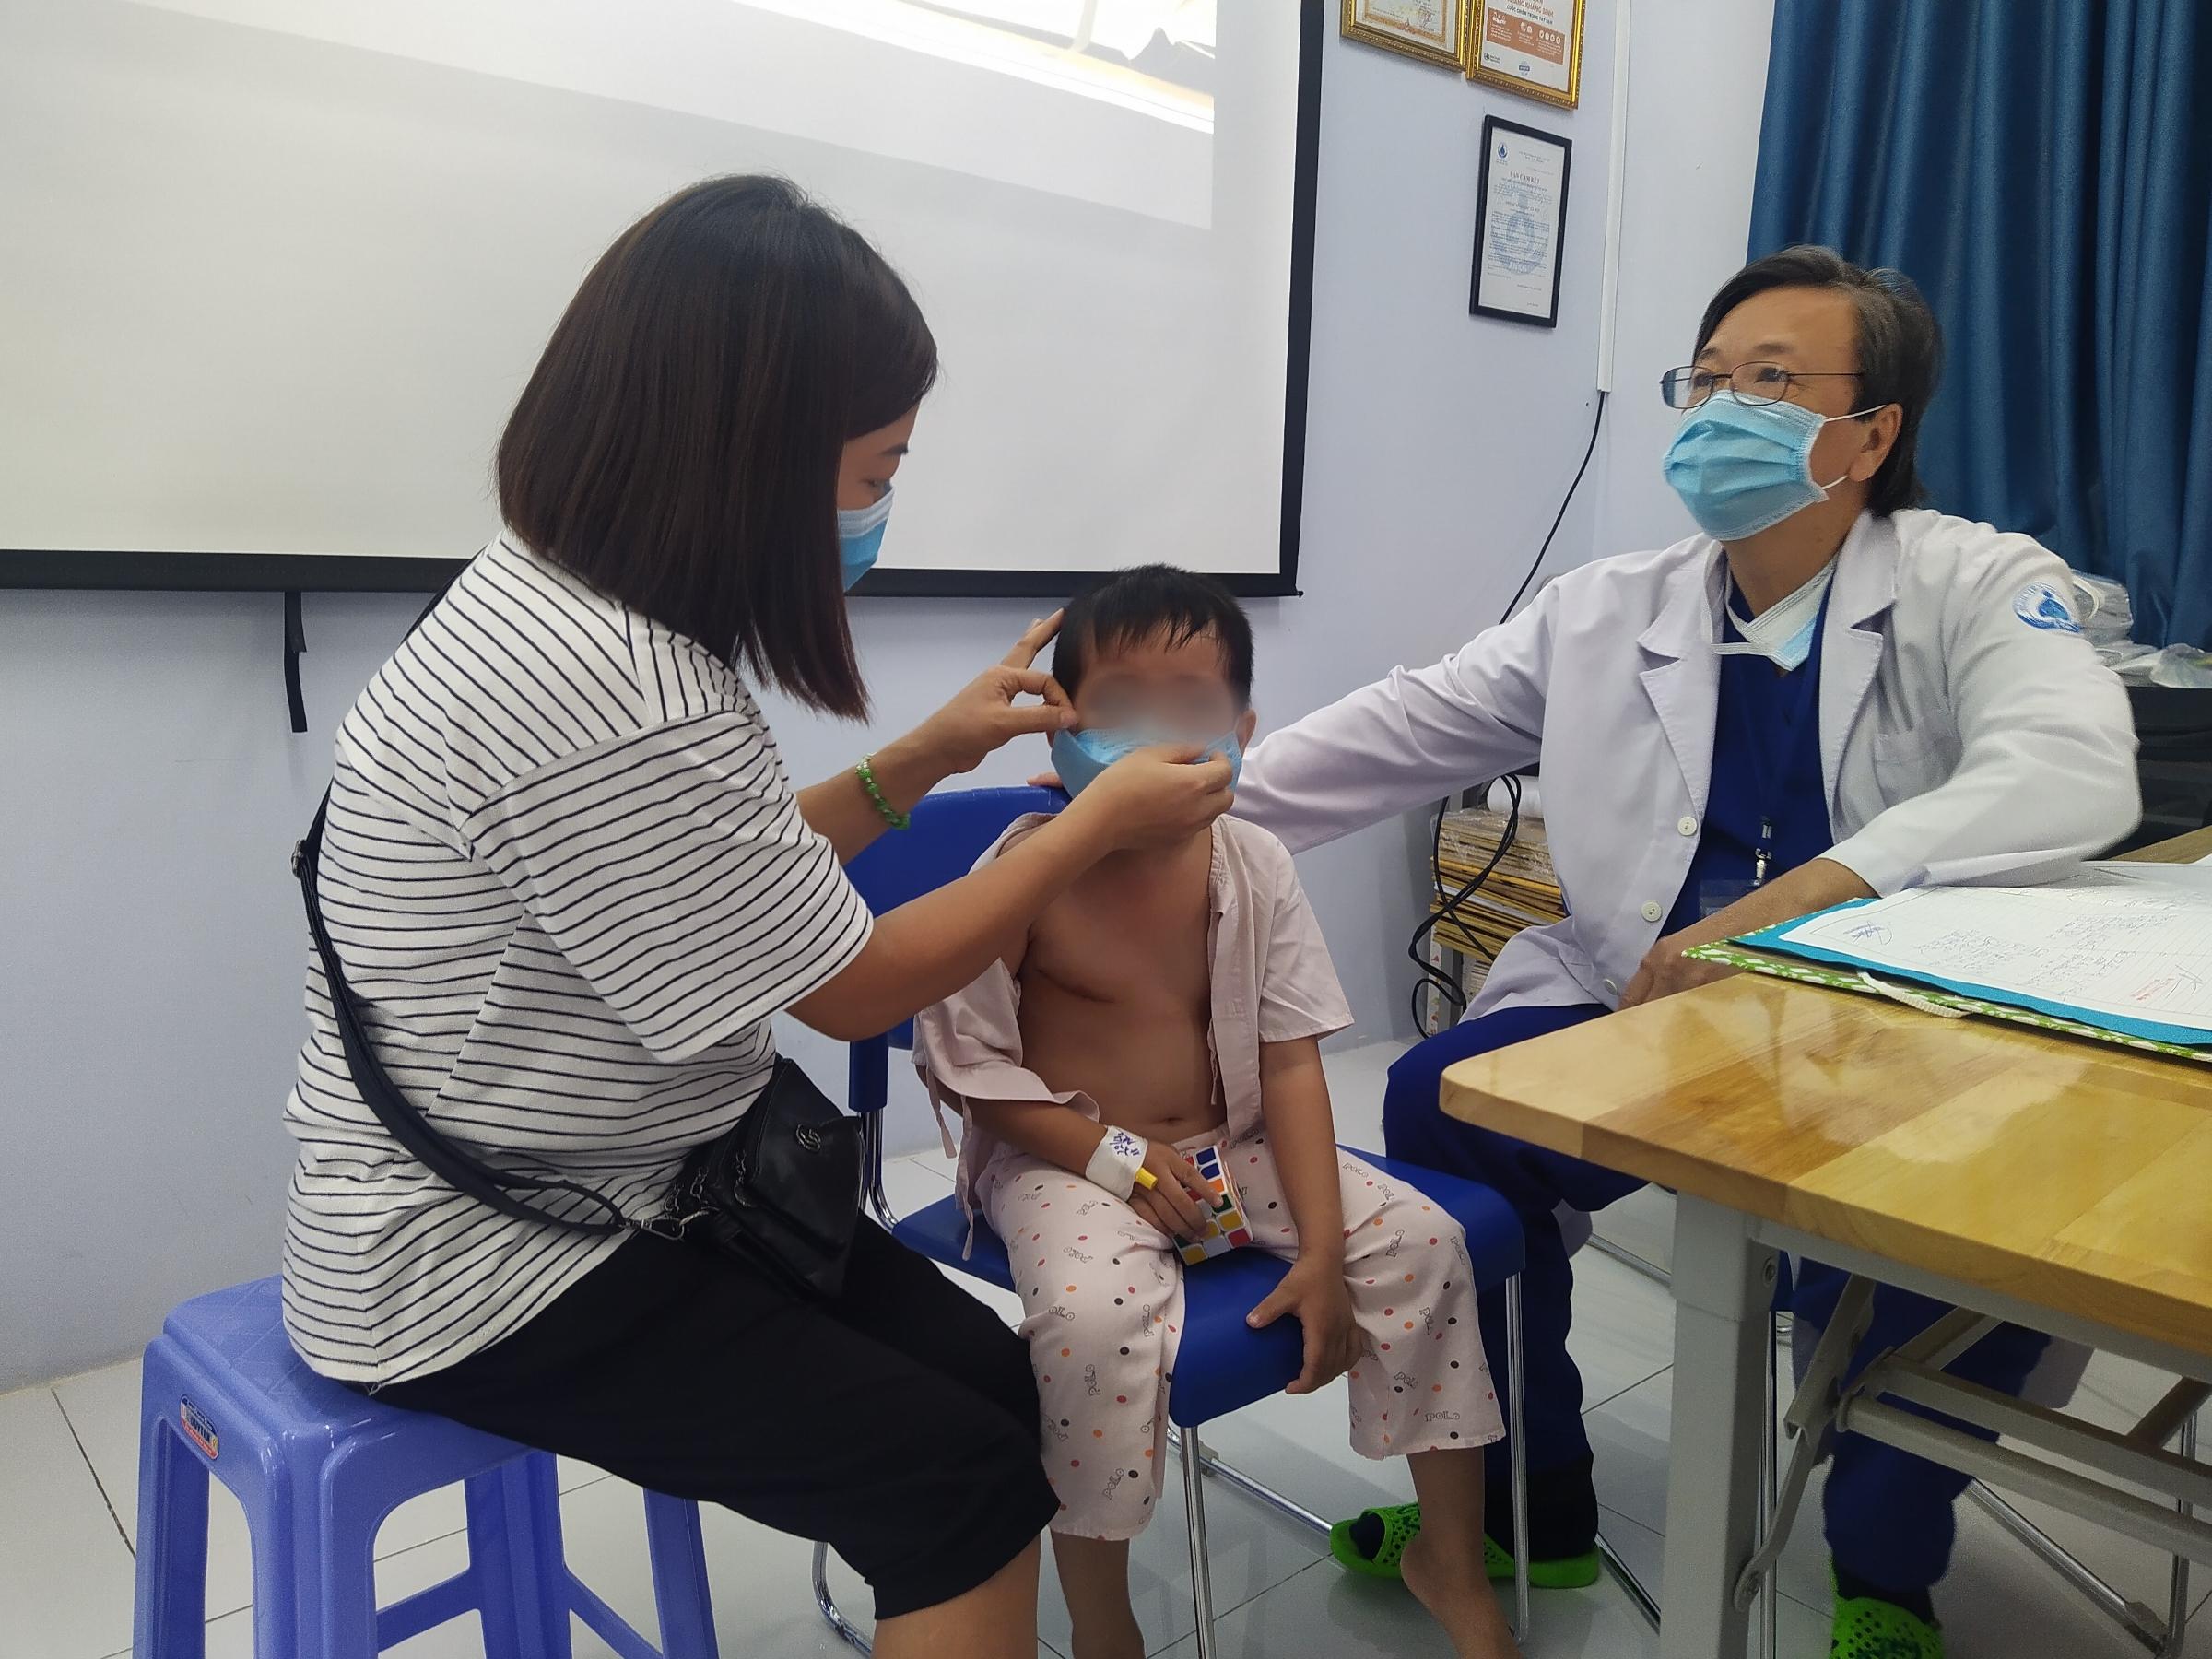 Mở lồng ngực cứu bé trai bị móc dây kéo lọt vào vị trí nhạy cảm - Ảnh 1.